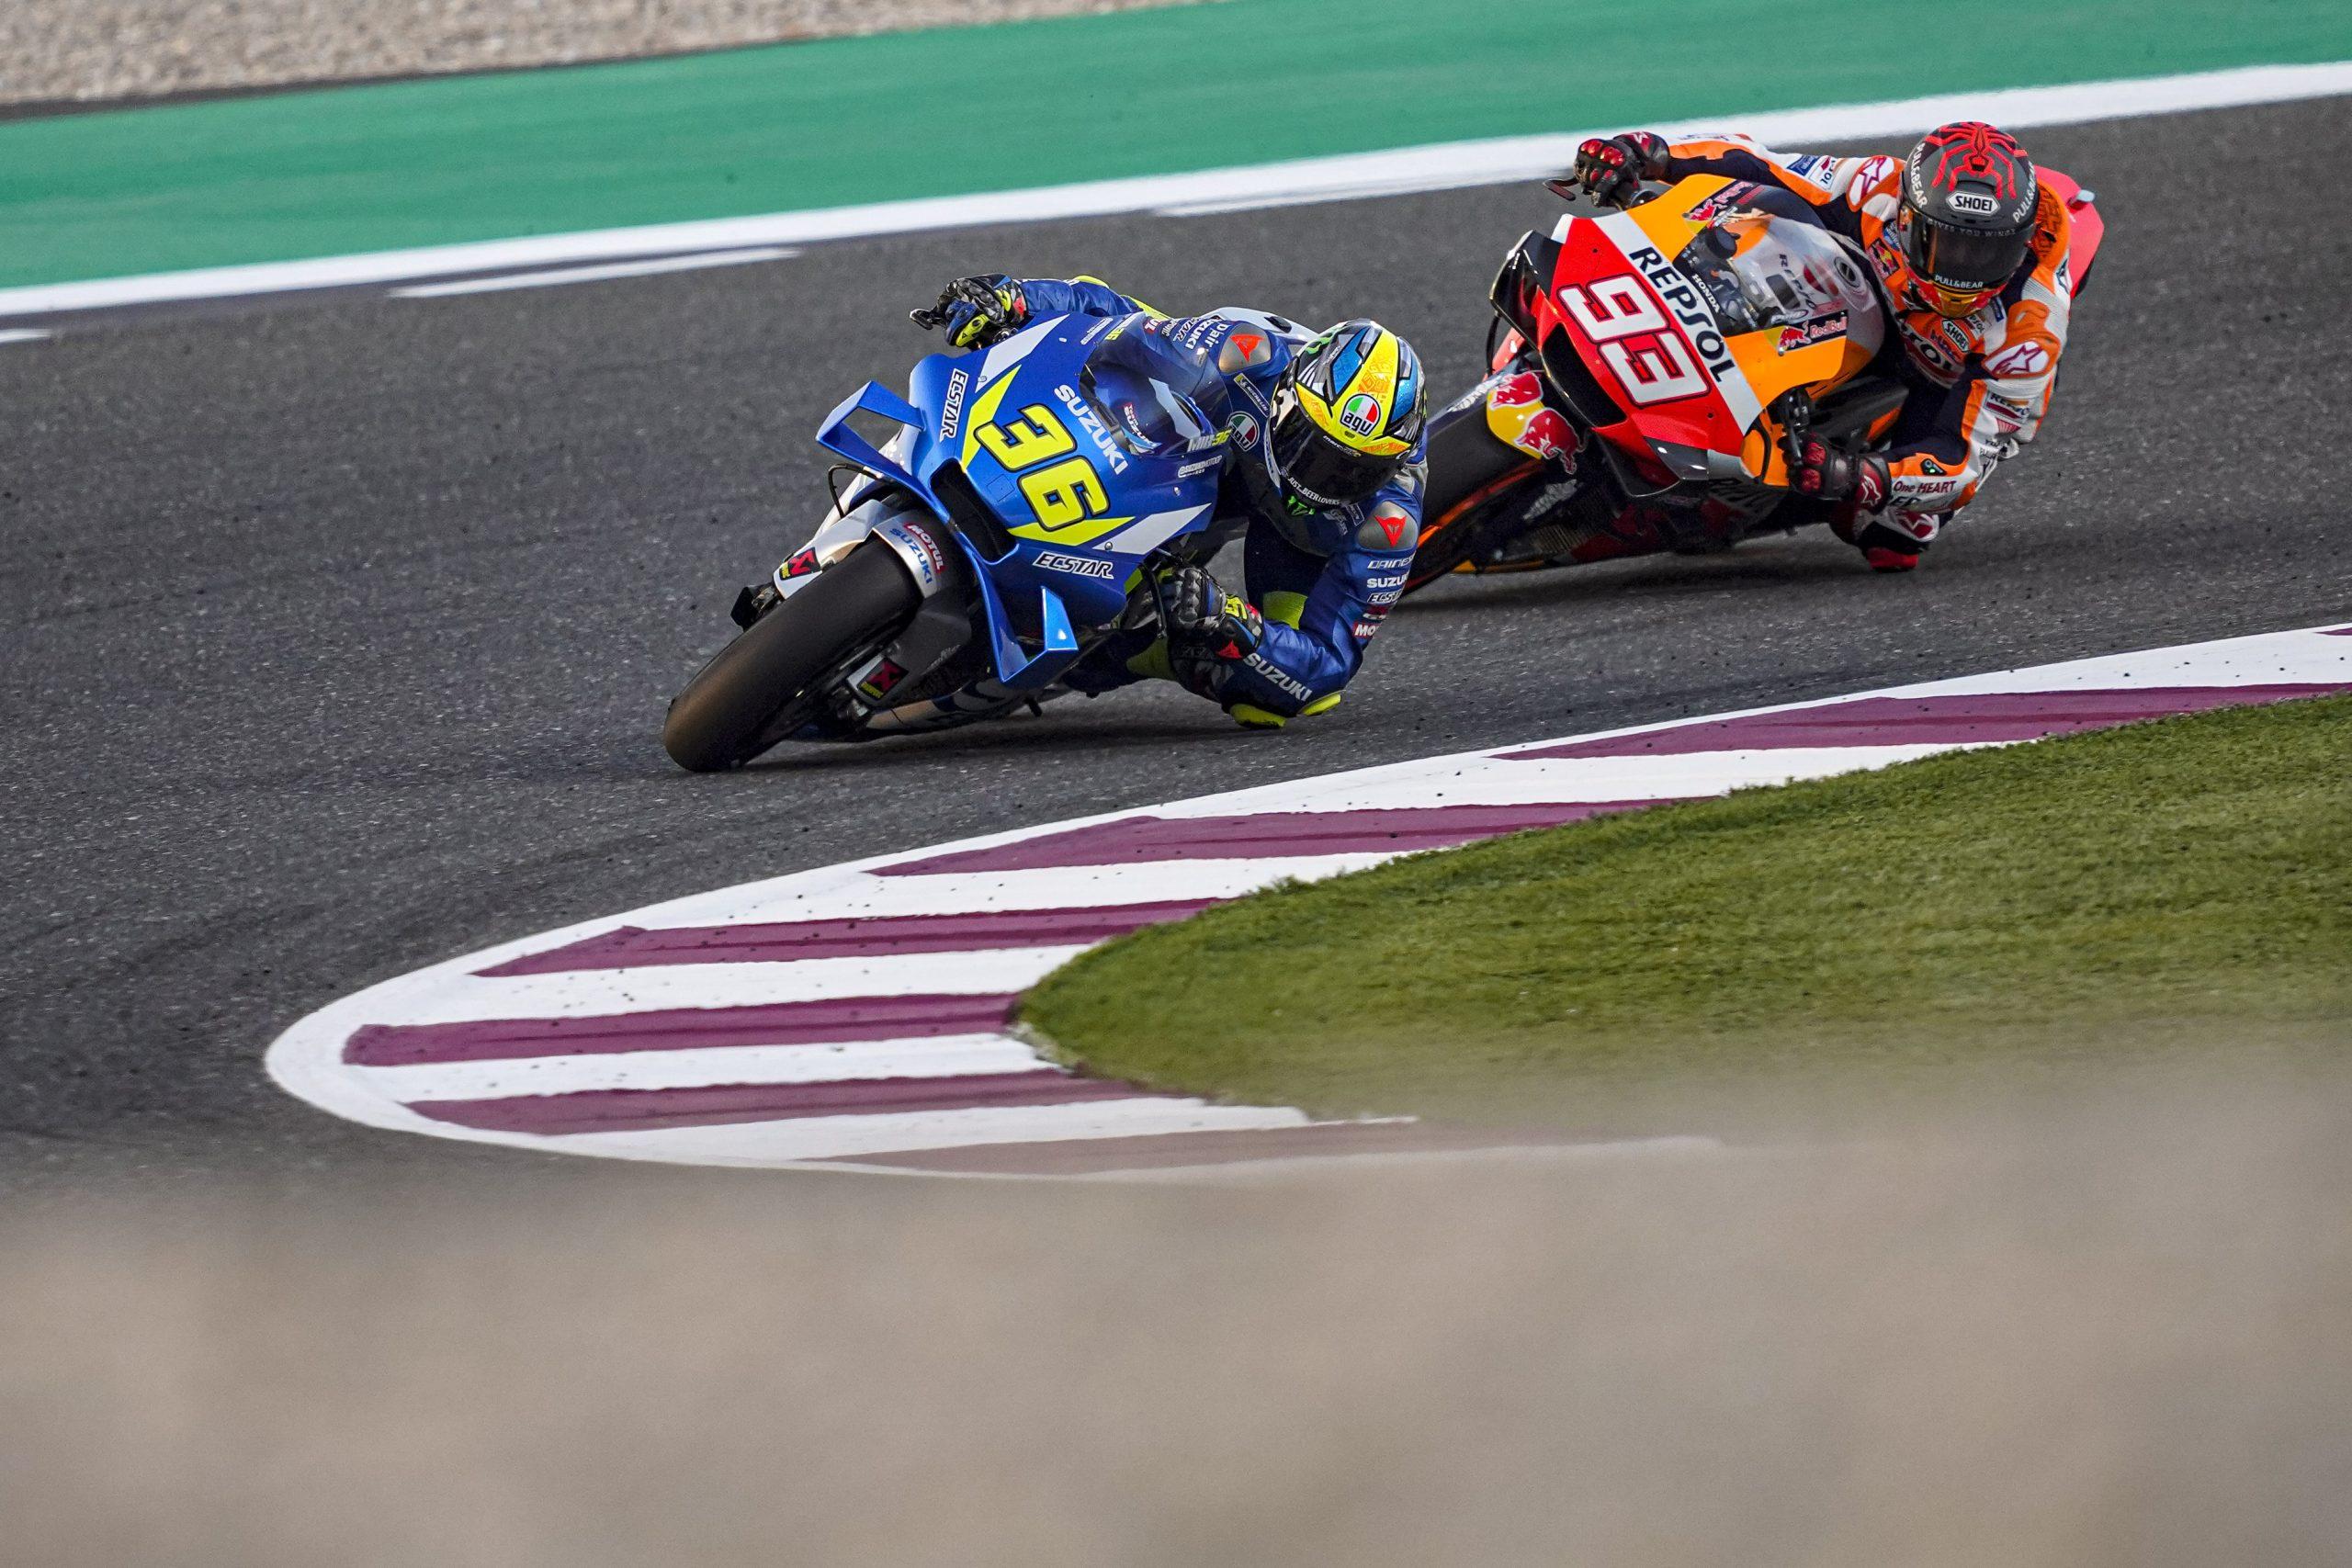 Joan Mir i Marc Marquez w akcji podczas testów MotoGP na torze Losail